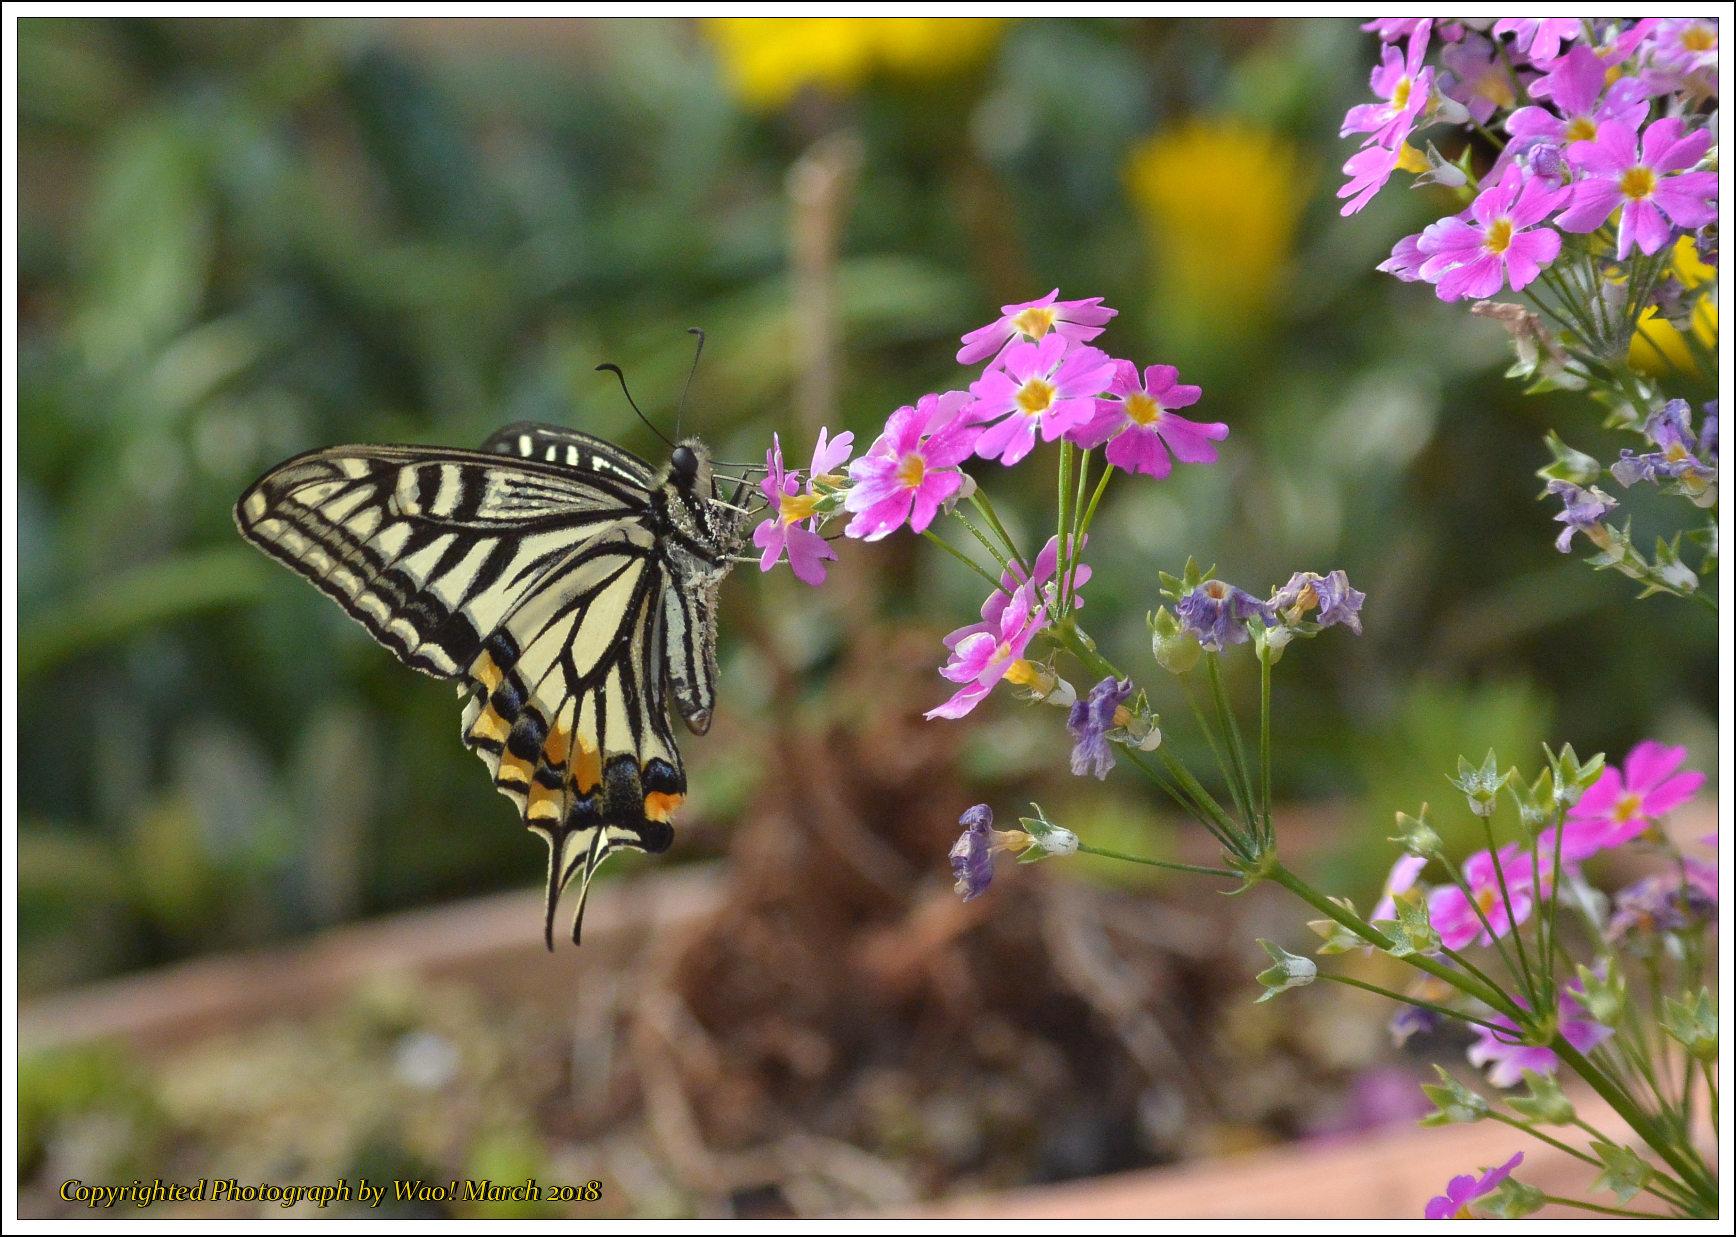 庭に咲く花 -1_c0198669_17415929.jpg